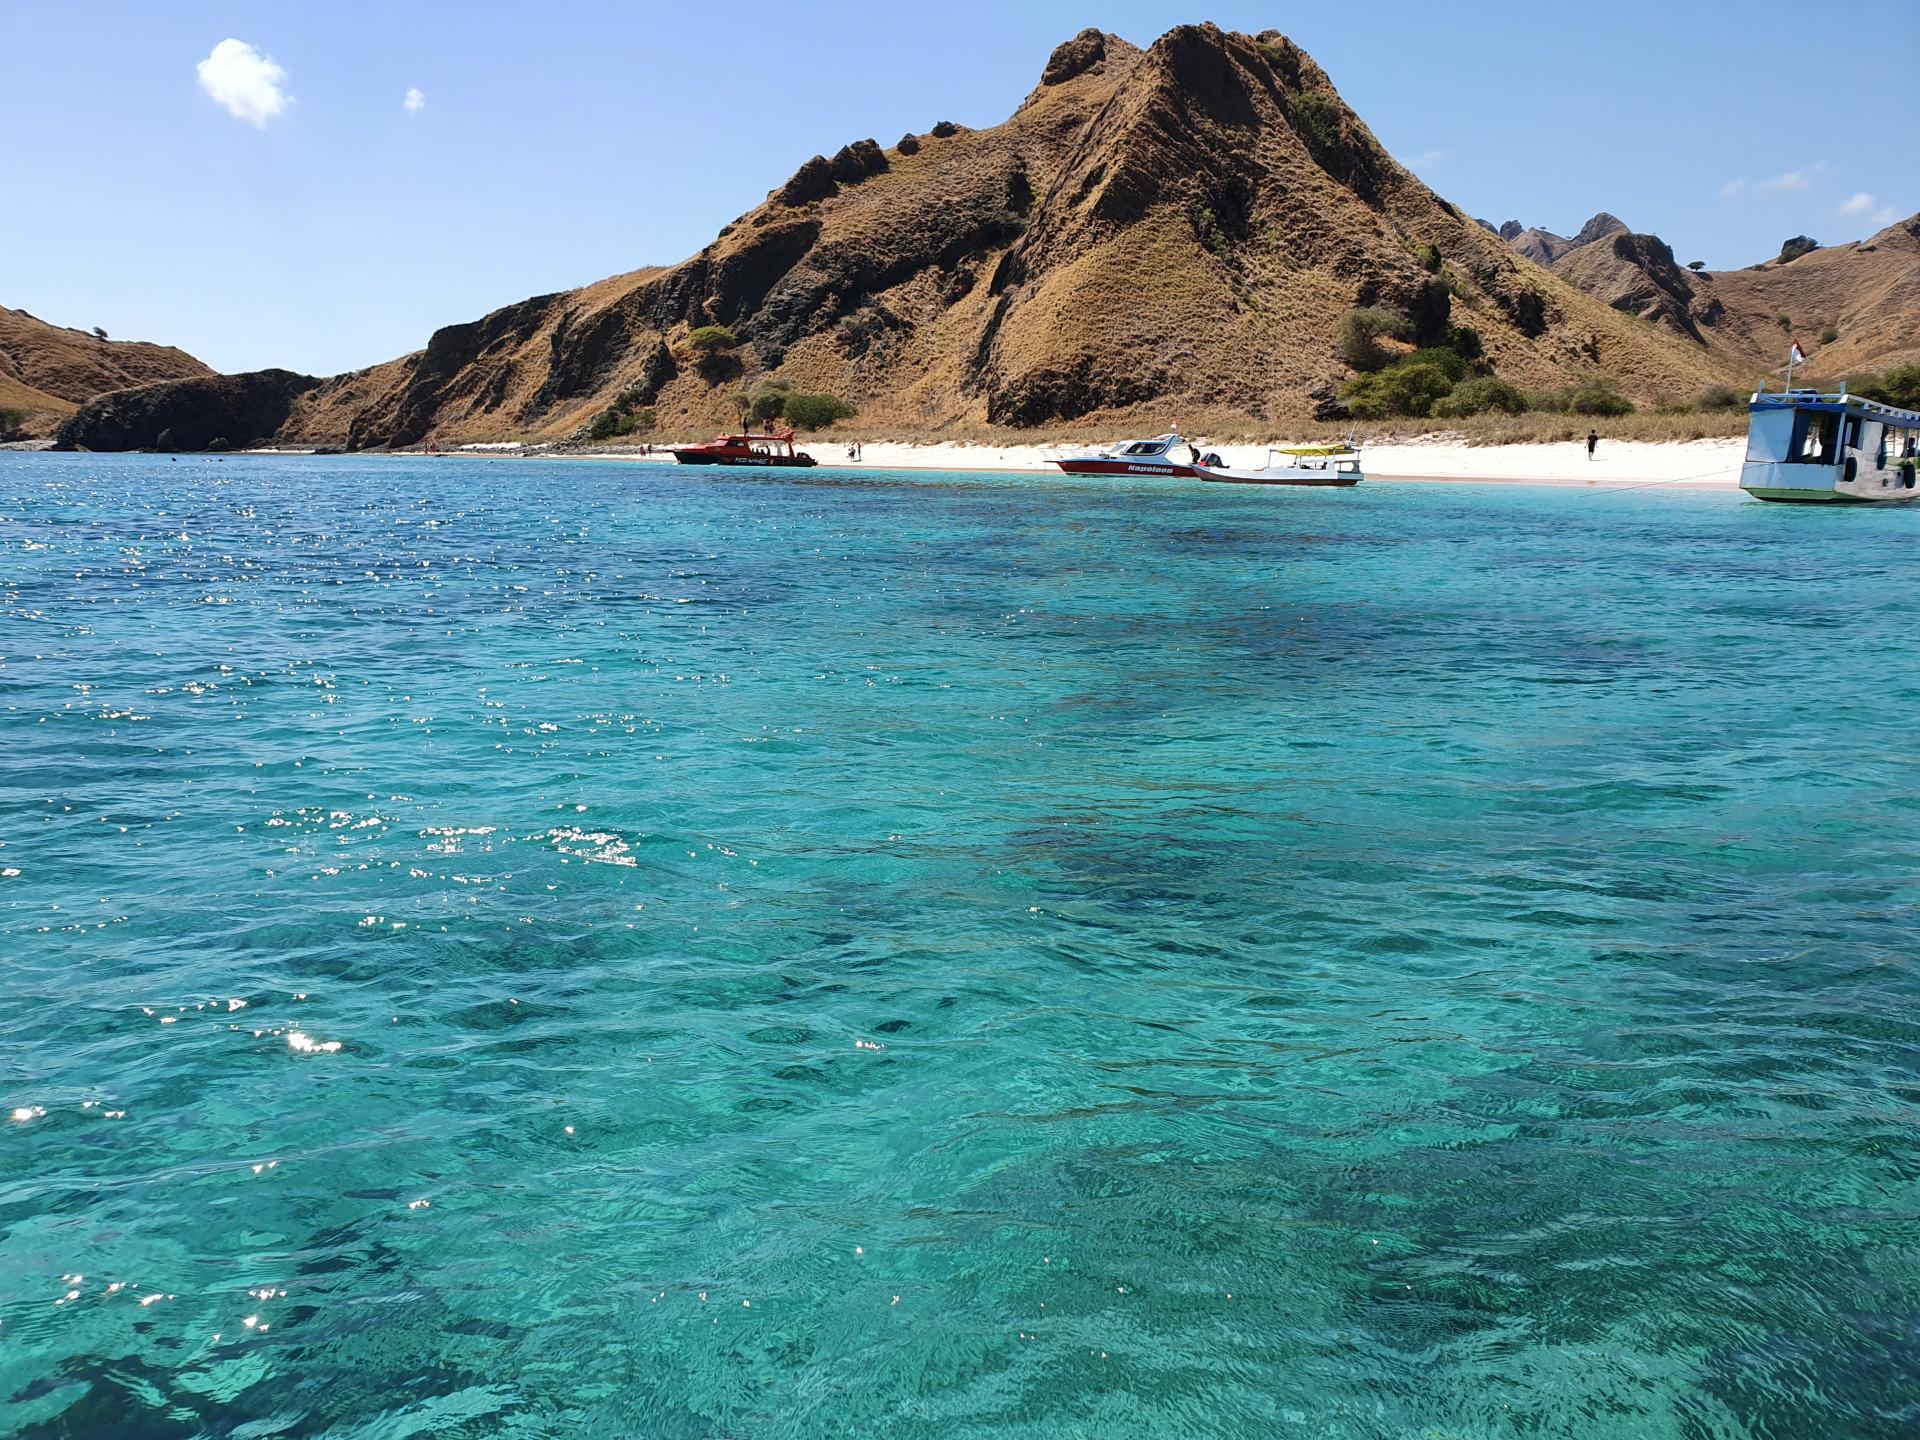 пляж на острове Канава, Индонезия